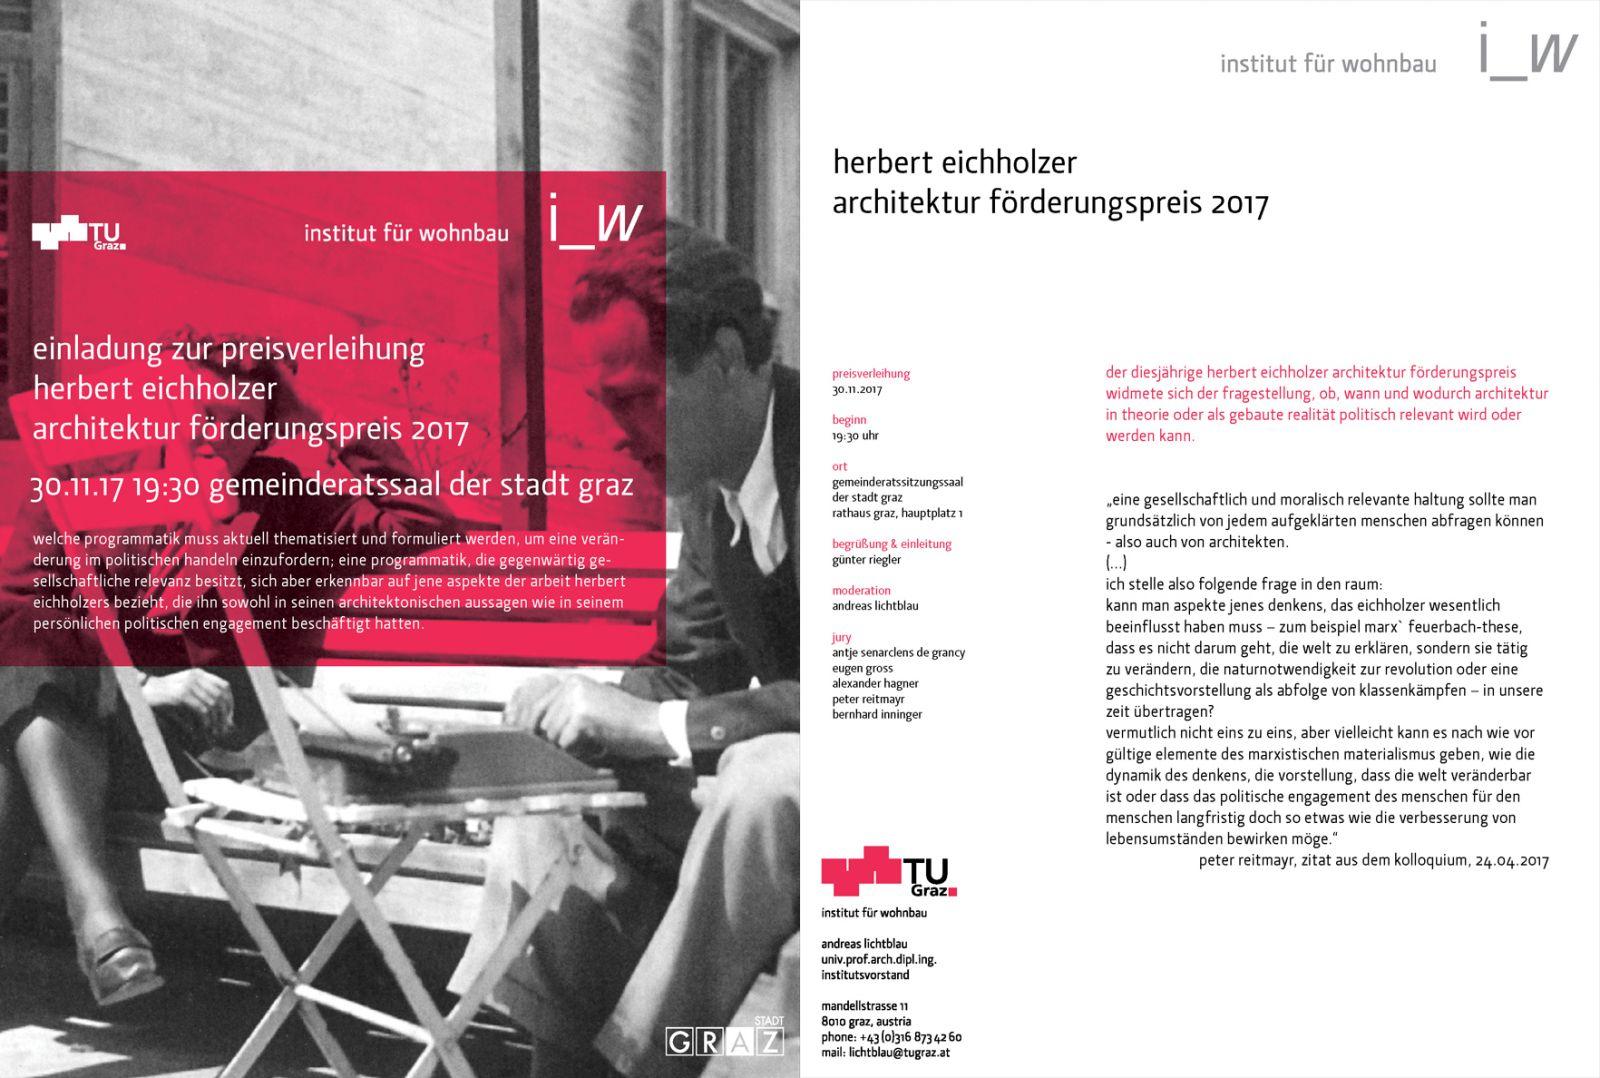 preisverleihung herbert eichholzer architektur förderungspreis 2017